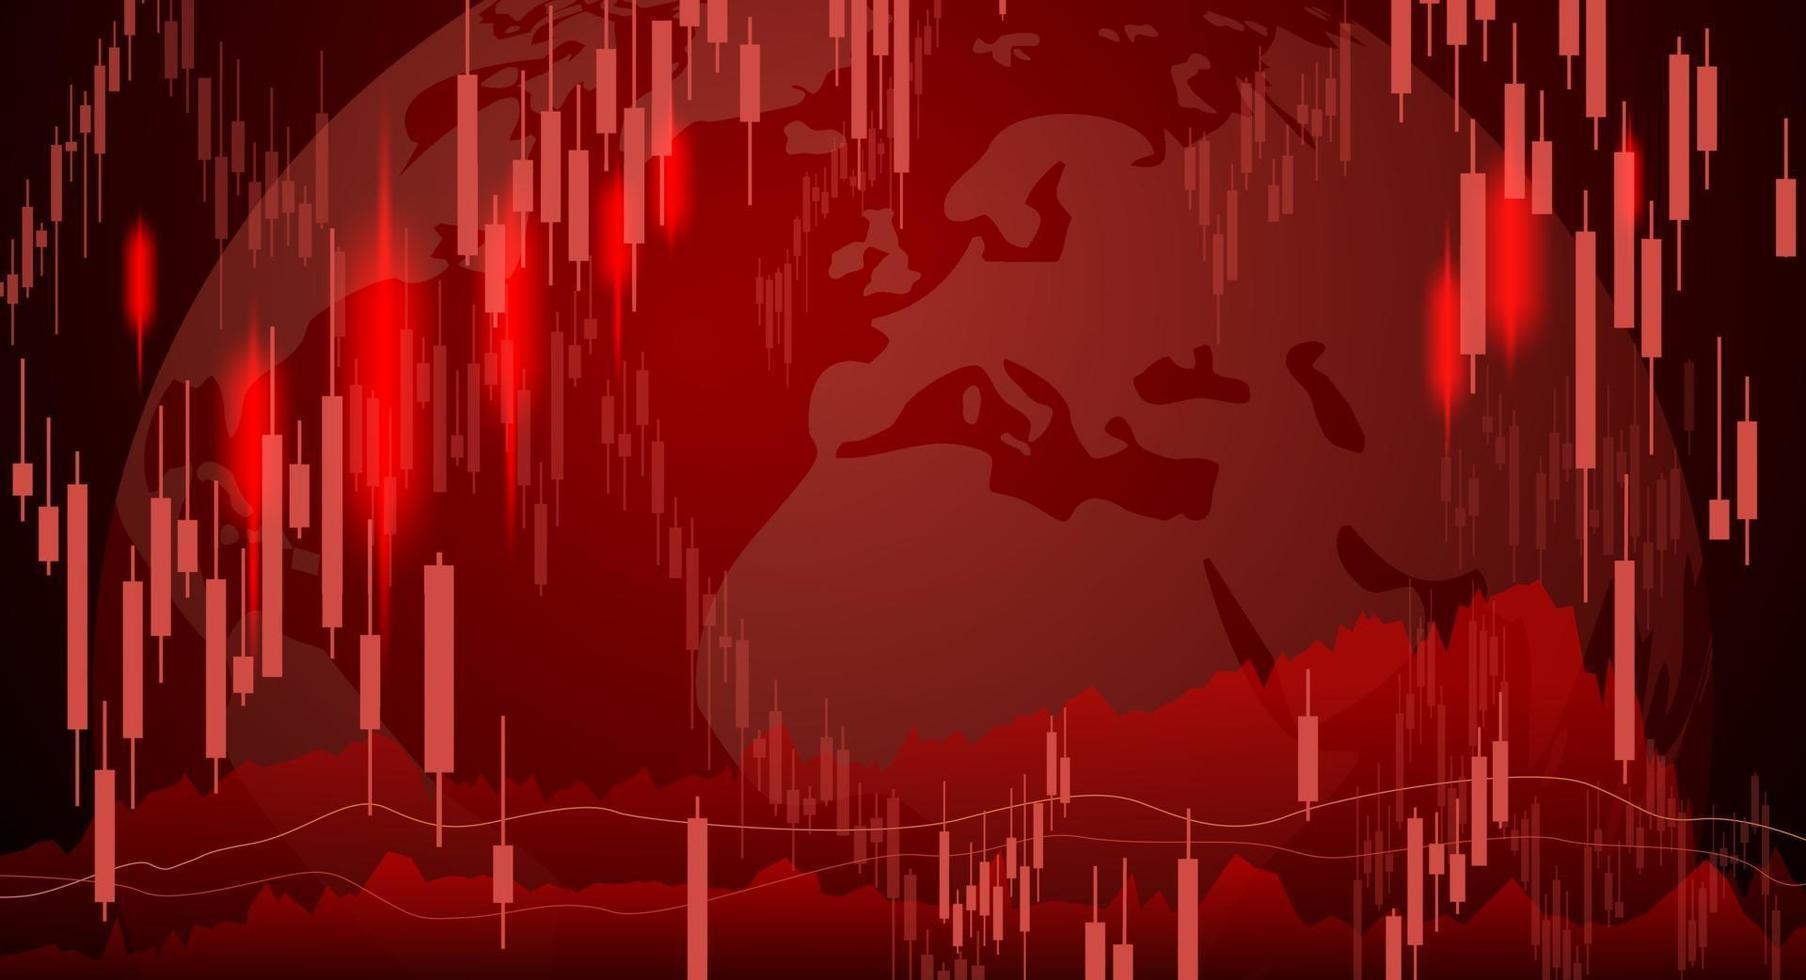 conception de fond de marché boursier d & # 39; illustration vectorielle de crise économique vecteur